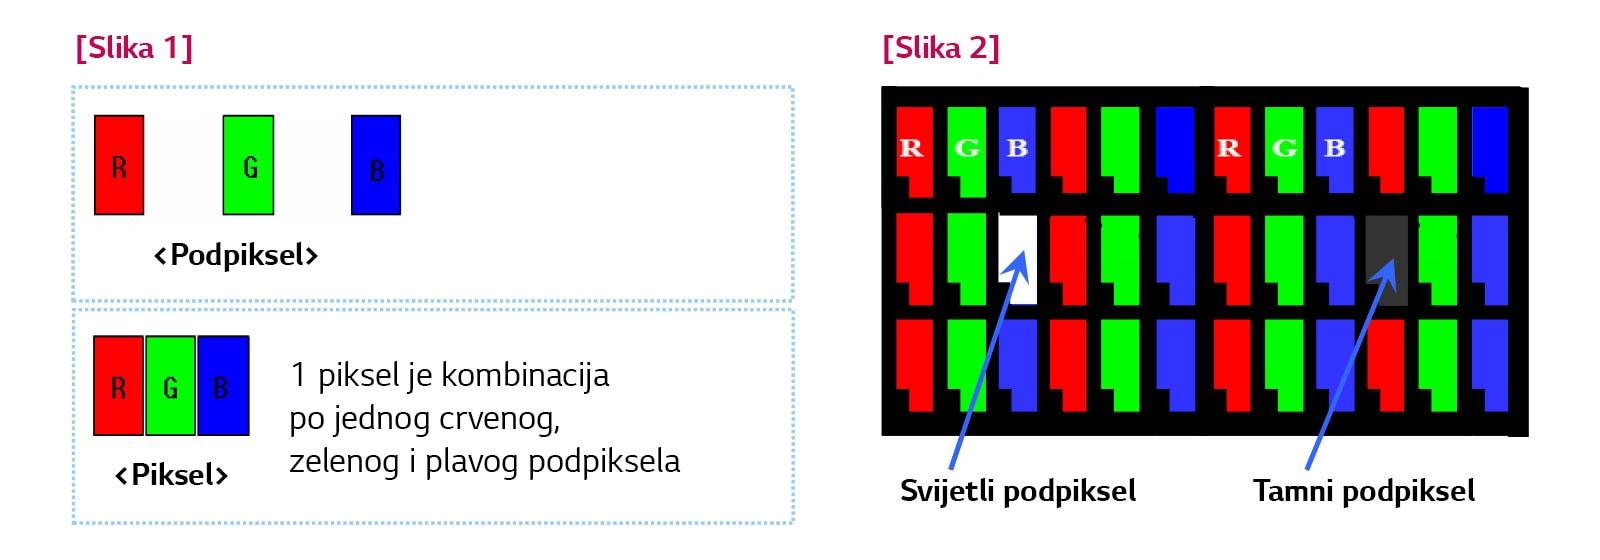 Pravilnik o pikselima LG Electronicsa